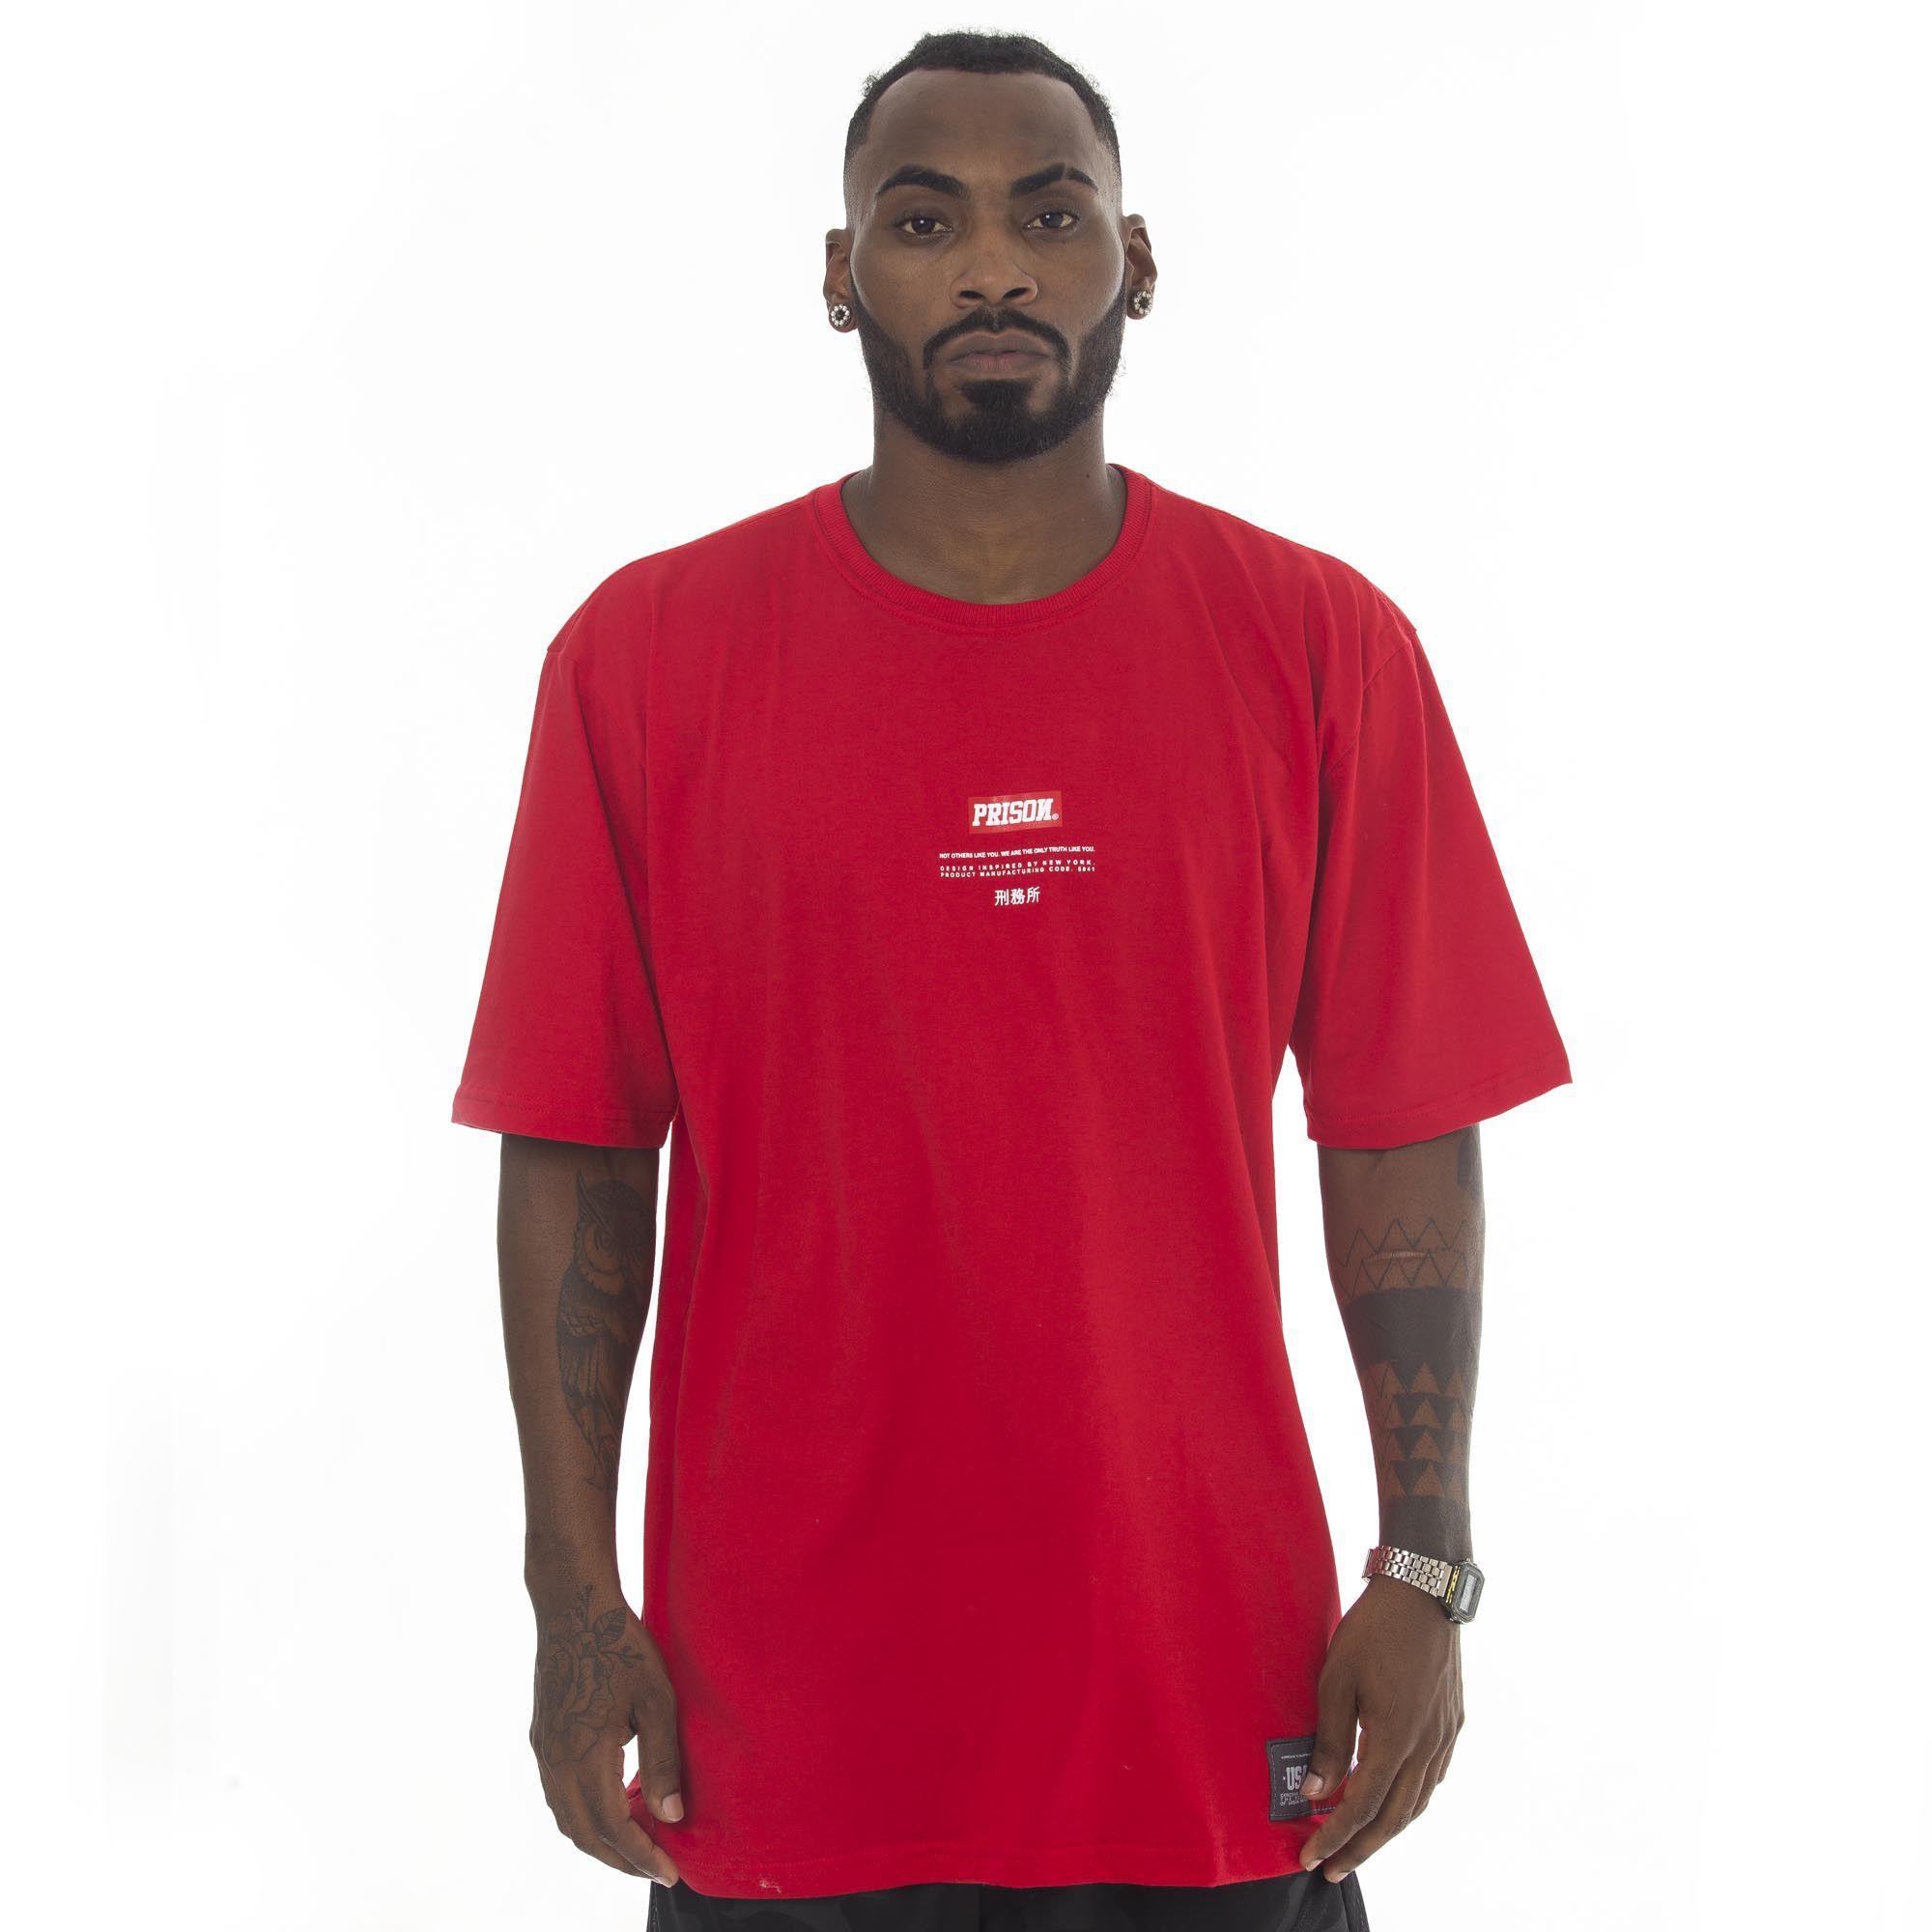 Camiseta Prison Red Vermelha